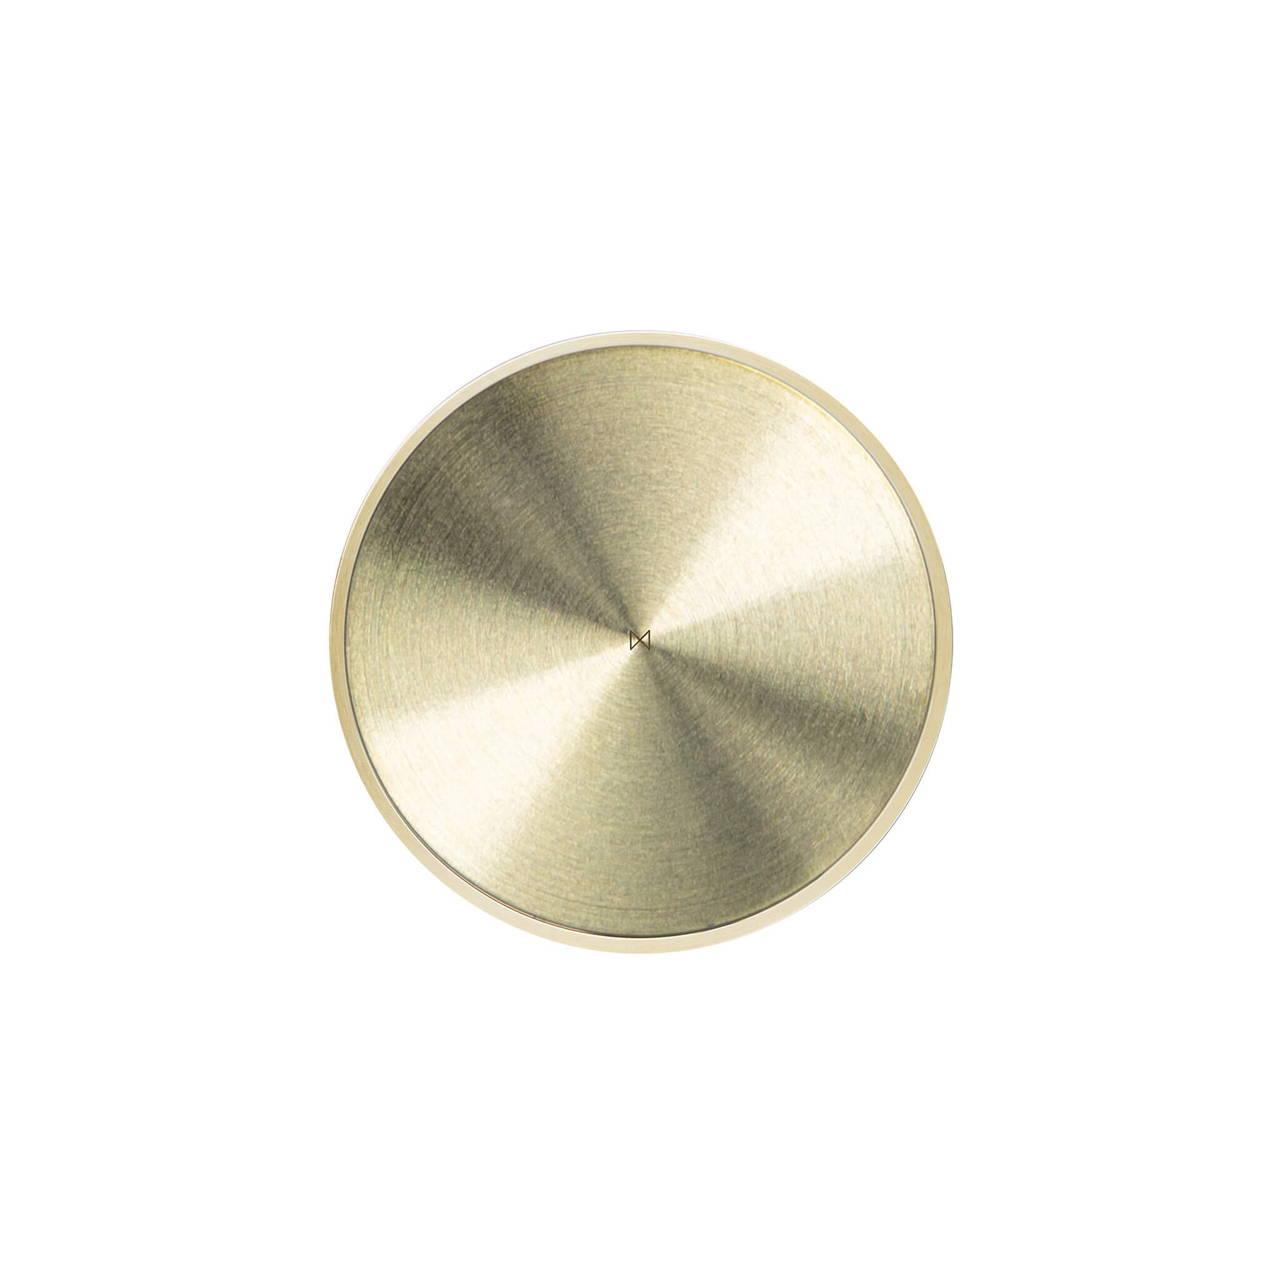 Brass Pocket Mirror back face